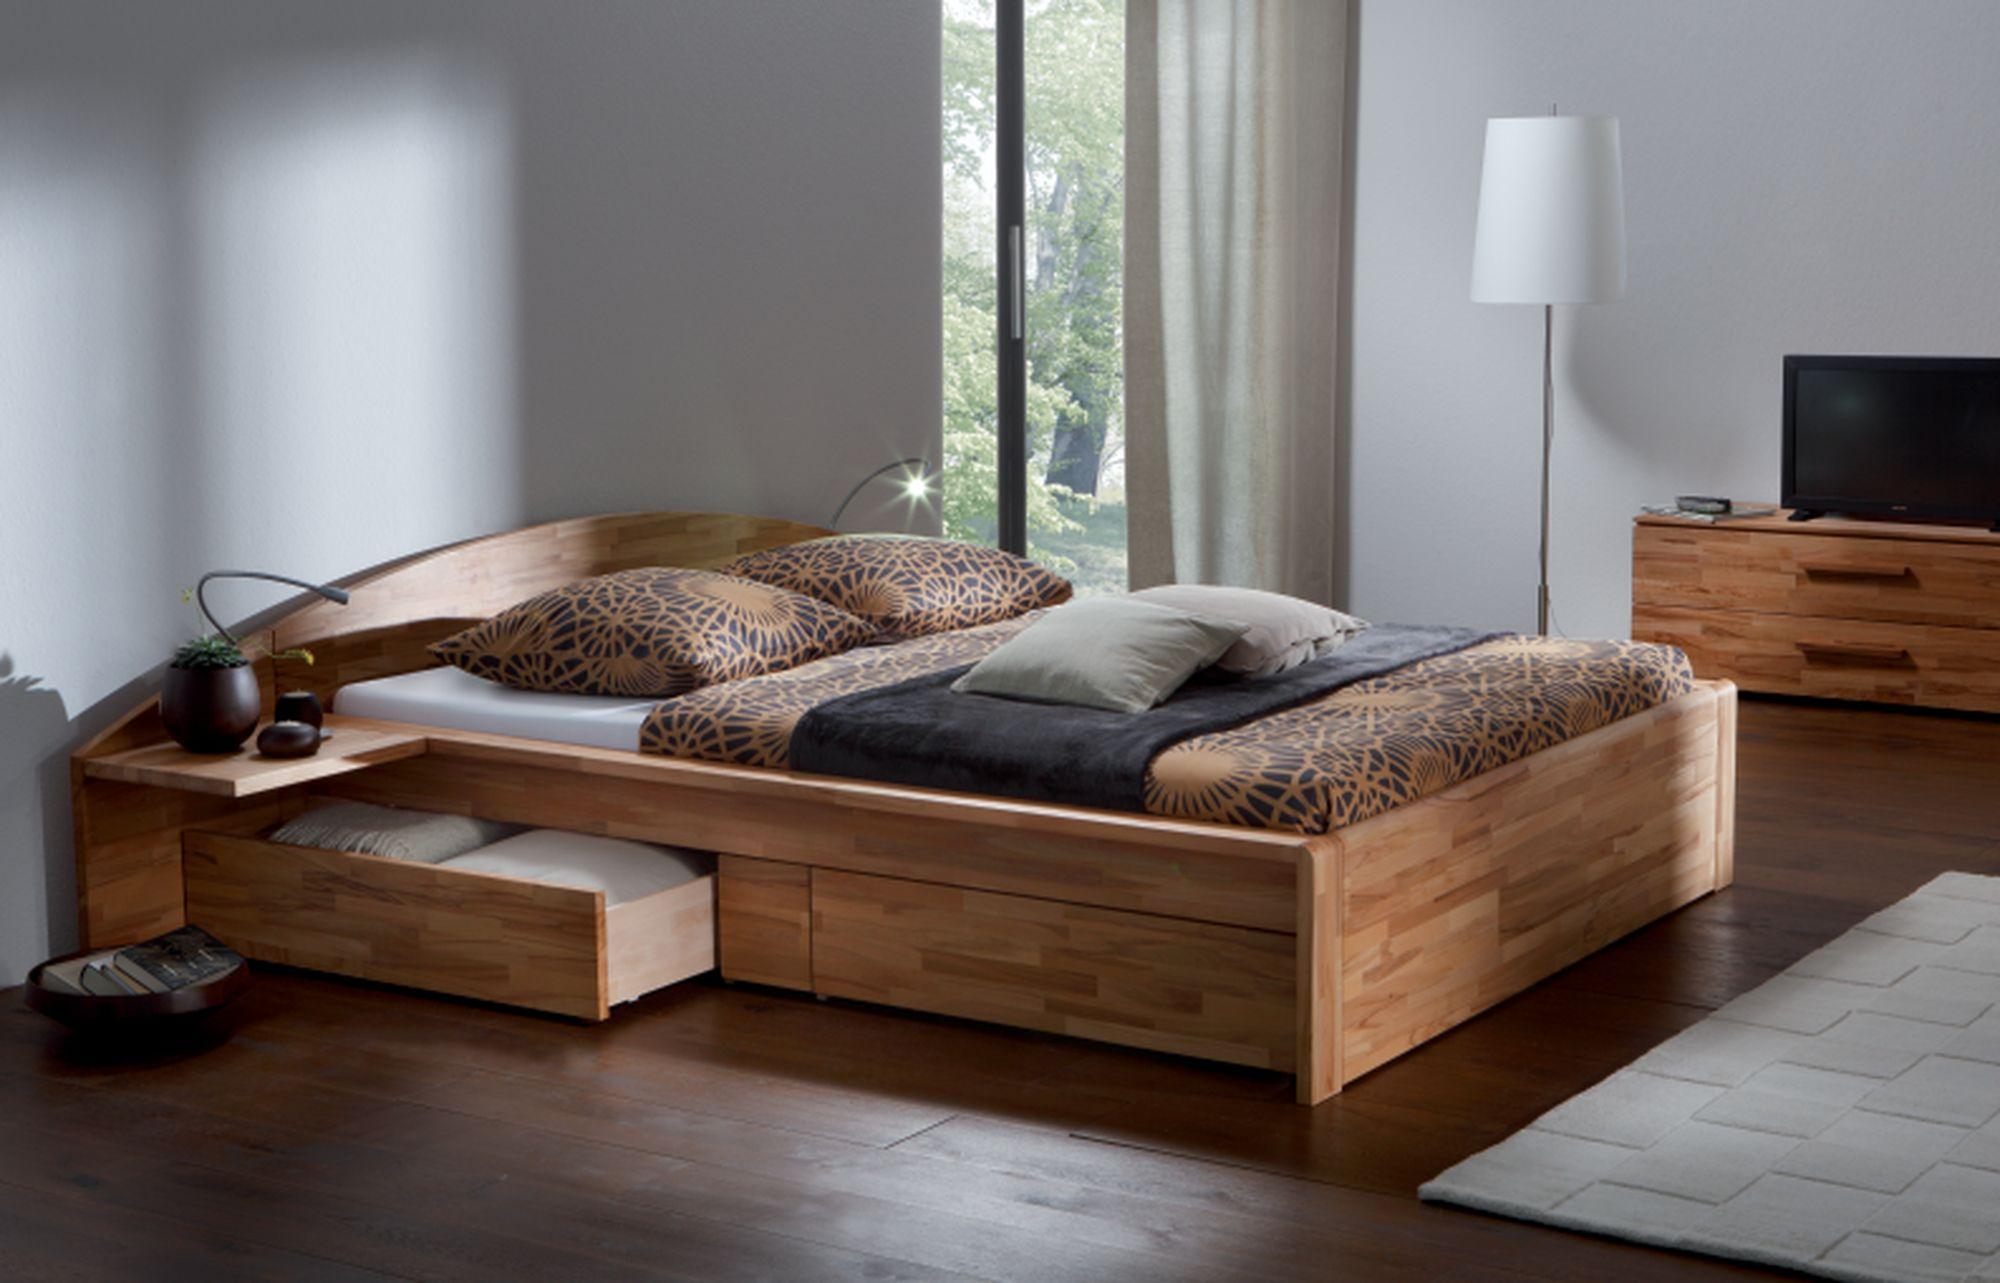 Деревянная кровать по фэн-шуй